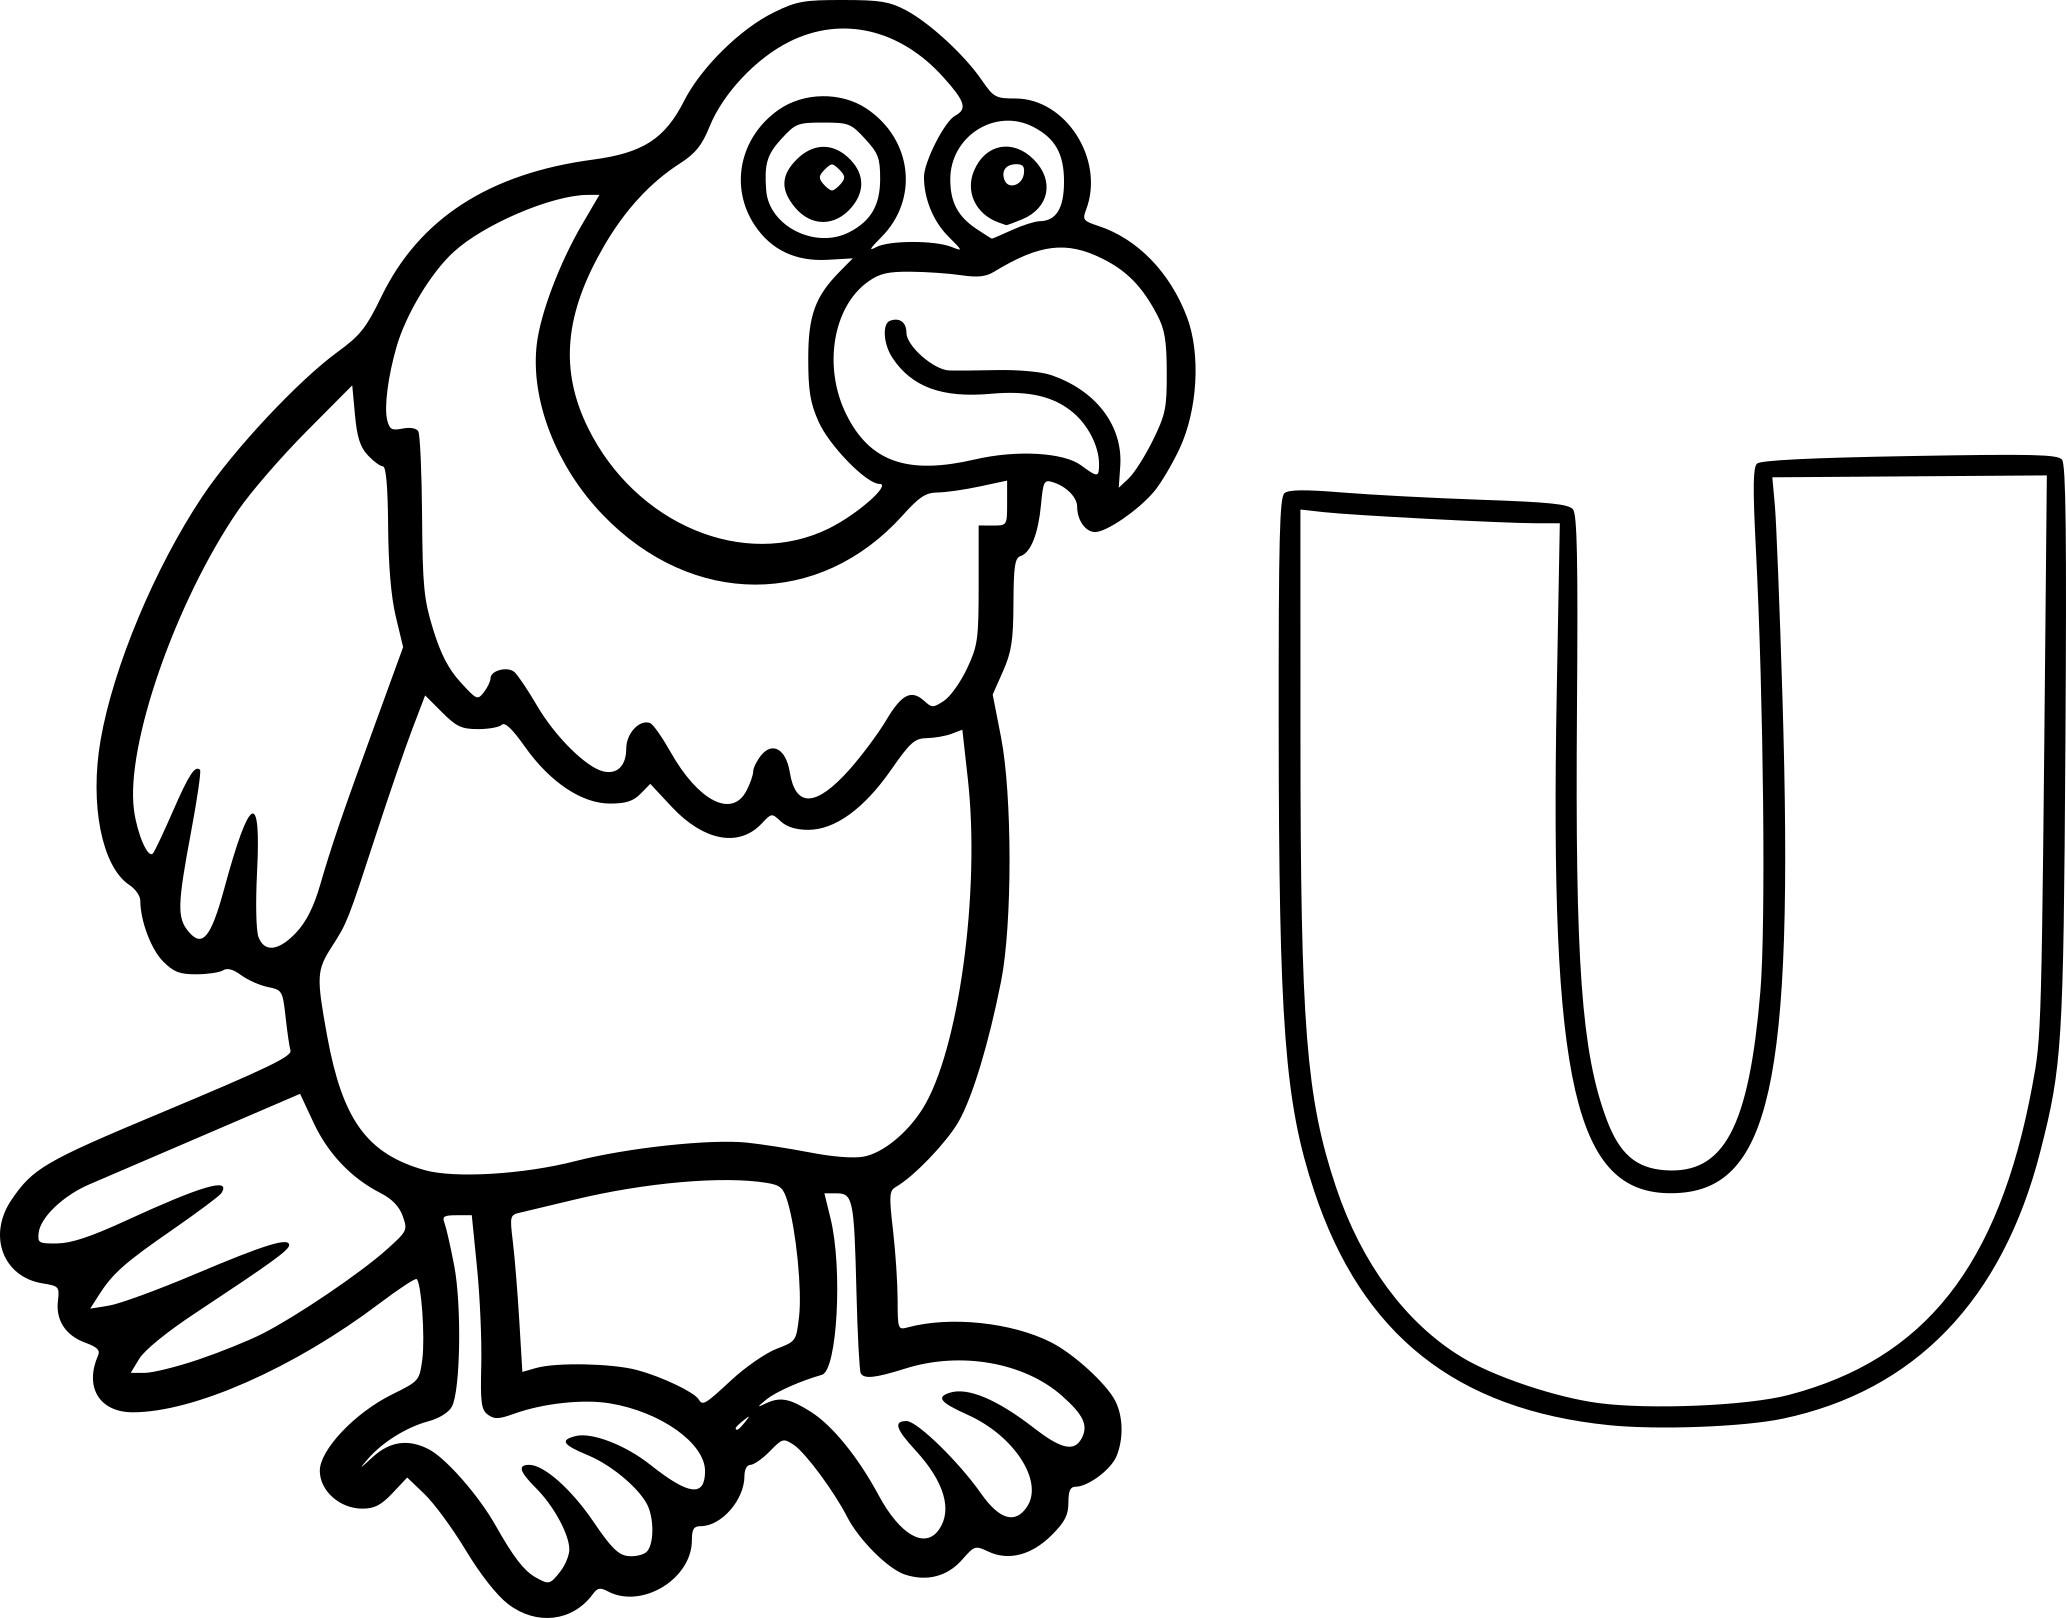 Coloriage U comme Urubu